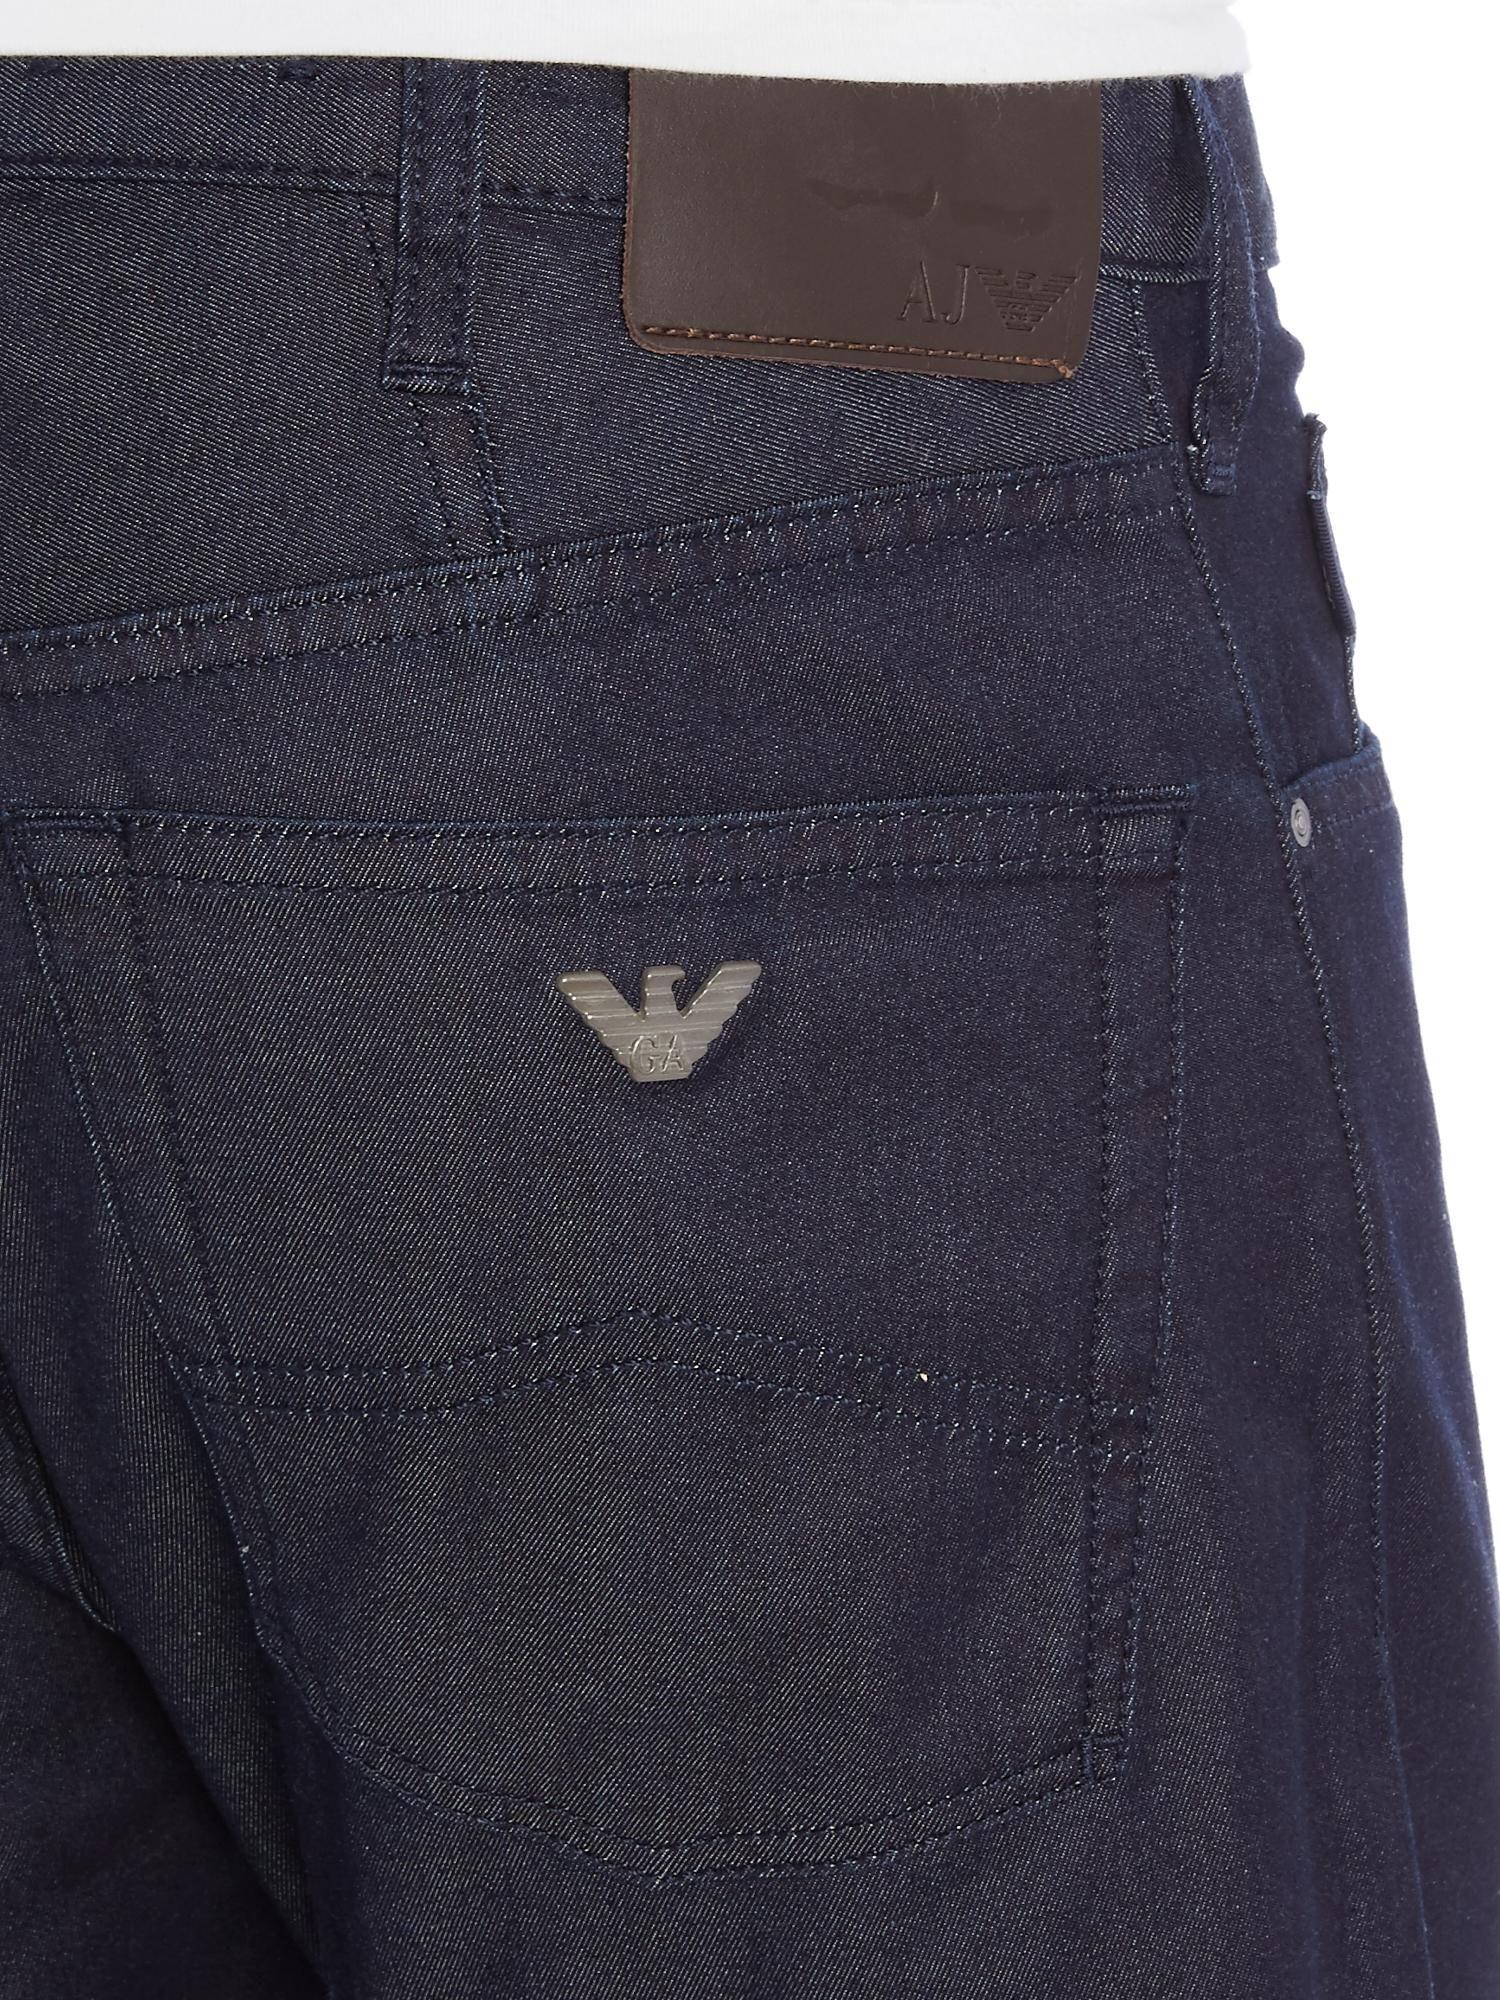 4bbb97d36860 Armani Jeans J21 Regular Fit Dark Indigo Jeans - House of Fraser ...